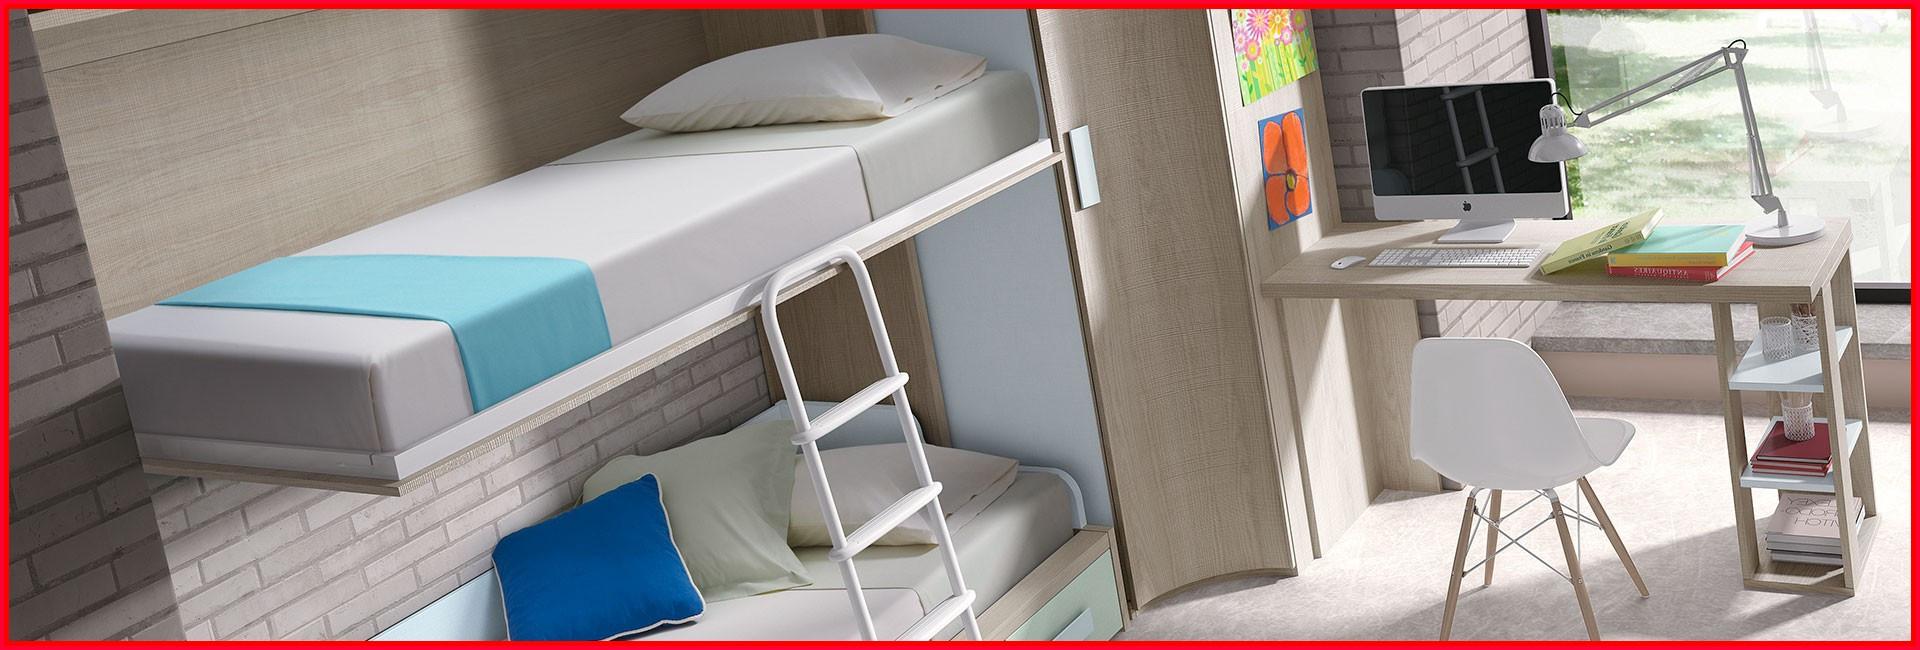 Muebles Huelva J7do Tiendas De Muebles Huelva Tiendas De Muebles Huelva Tienda De